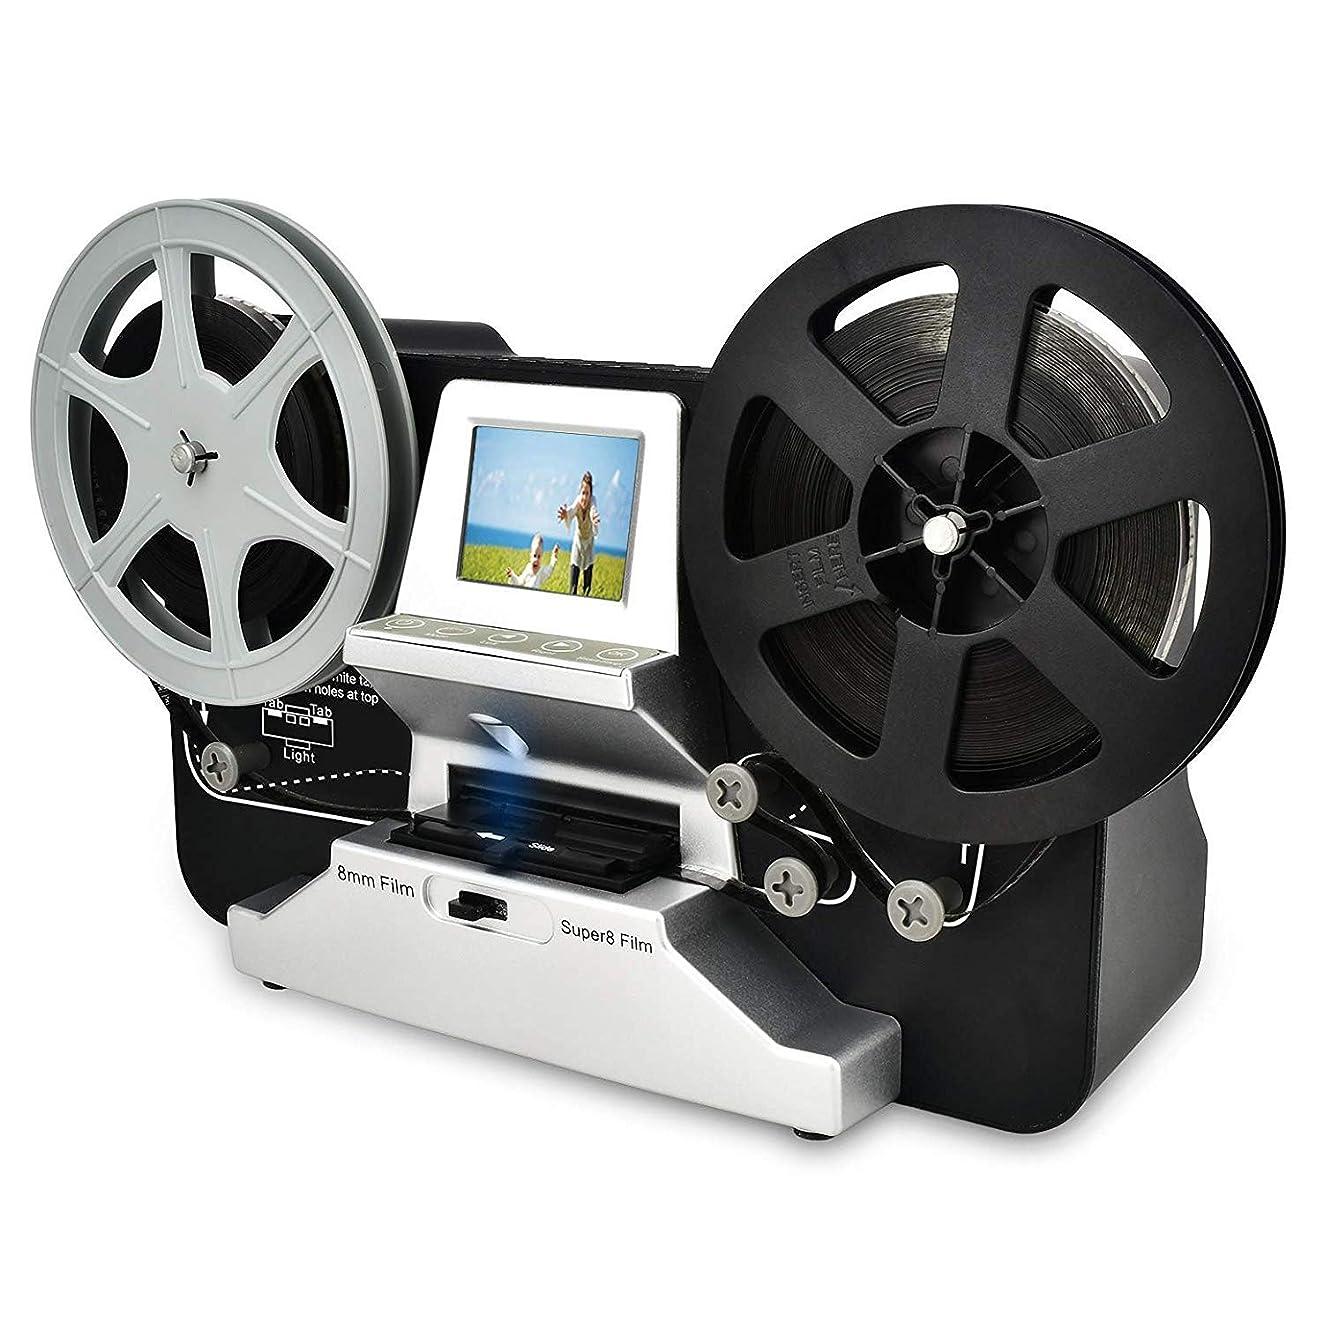 8mm & Super 8 Reels to Digital MovieMaker Film Sanner,Pro Film Digitizer Machine with 2.4